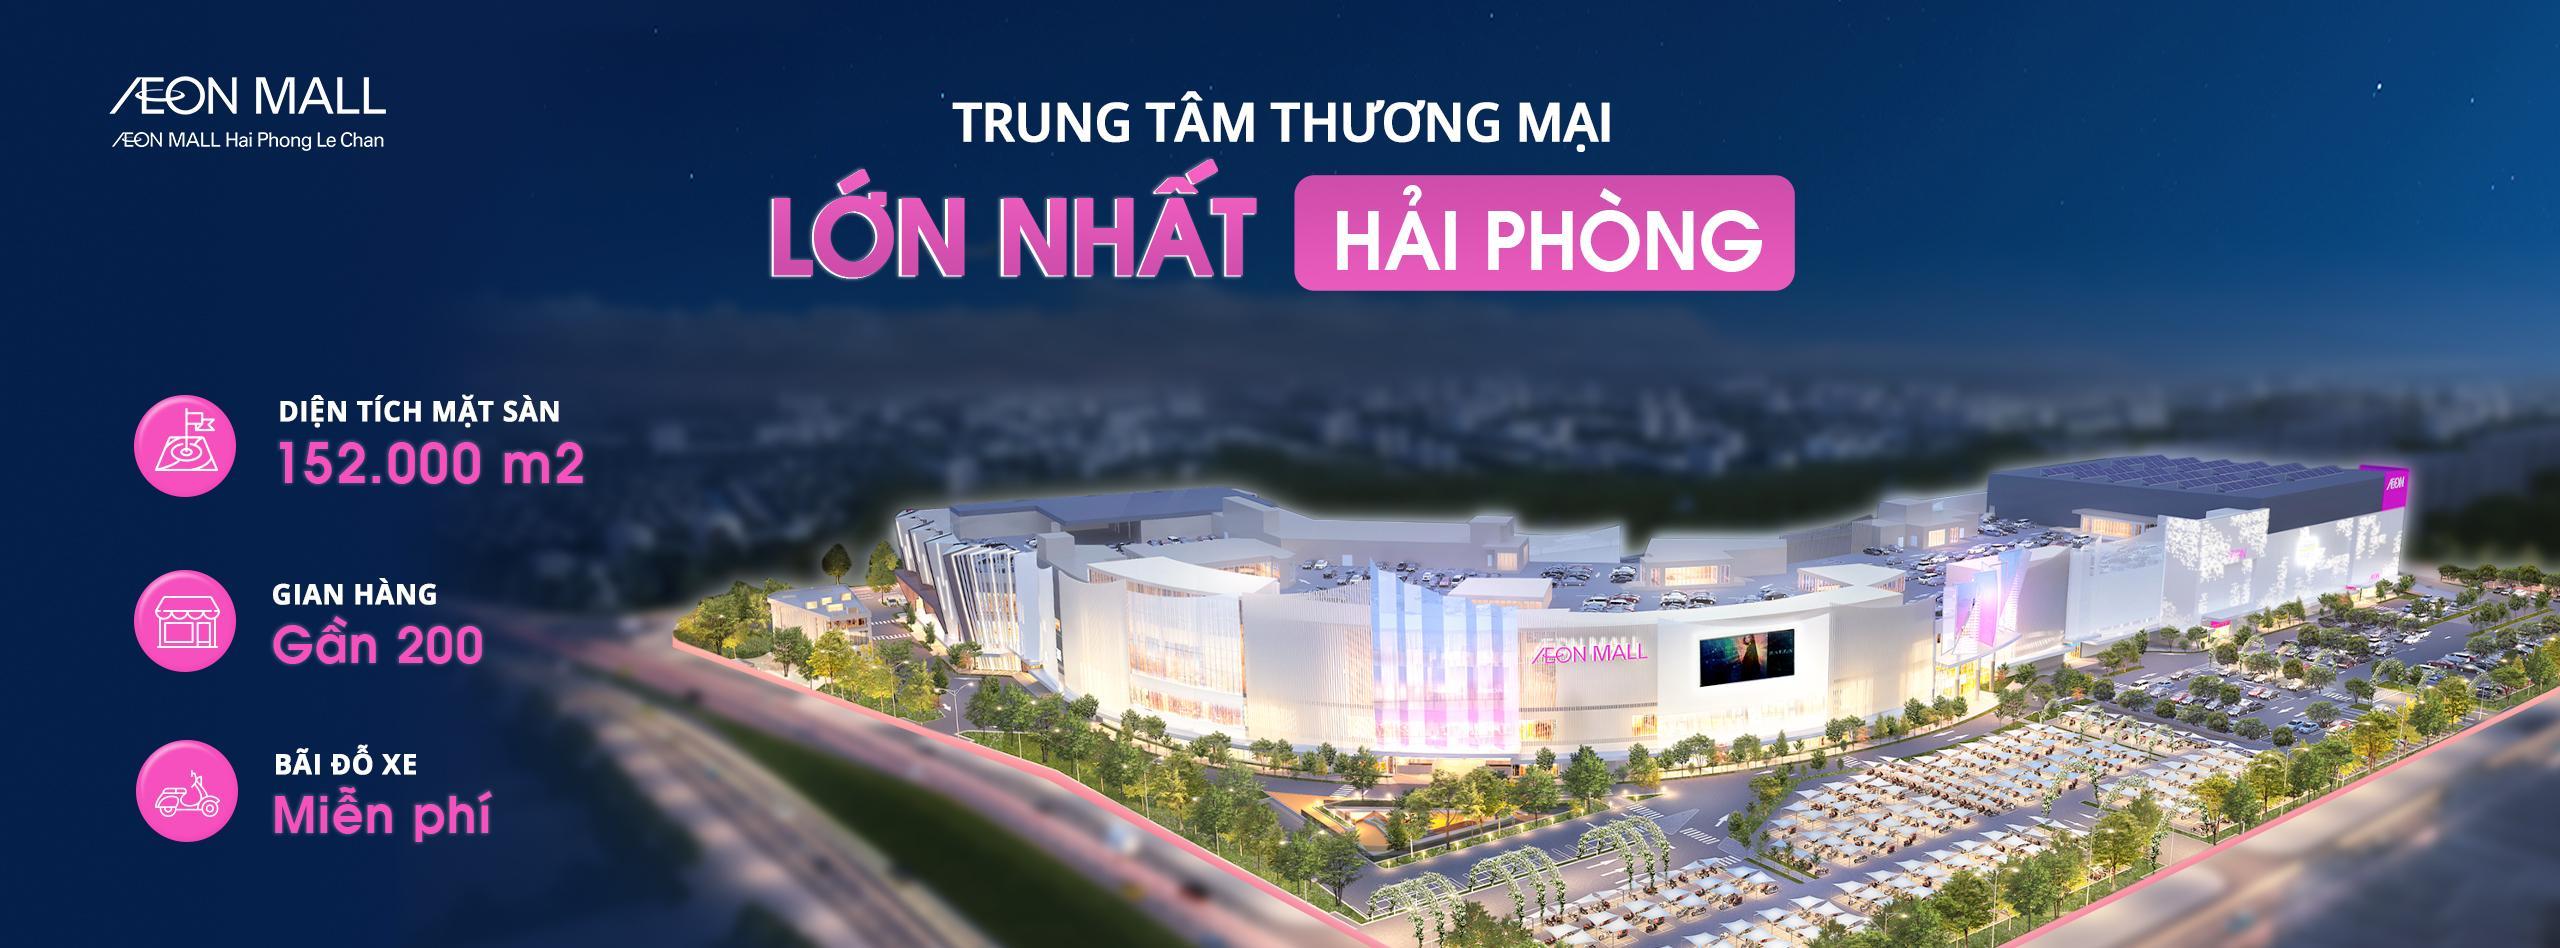 Trung tâm thương mại lớn nhất Hải Phòng - AEON MALL Hải Phòng Lê Chân